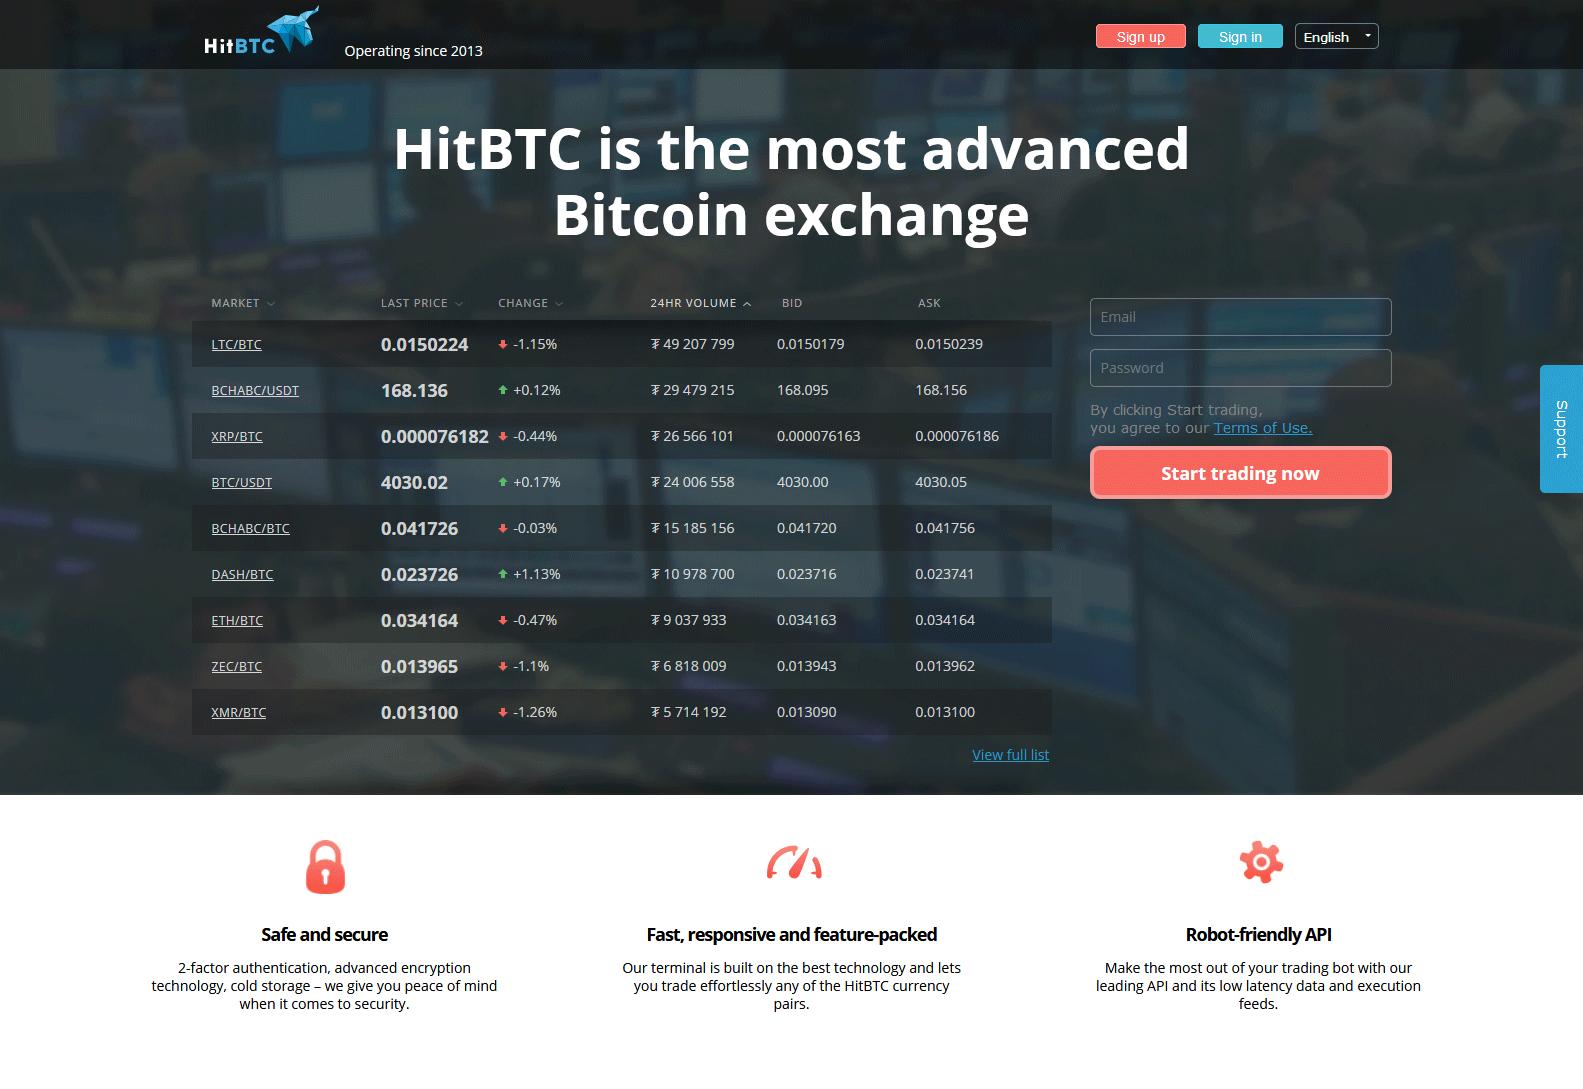 биржа hitbtc официальный сайт